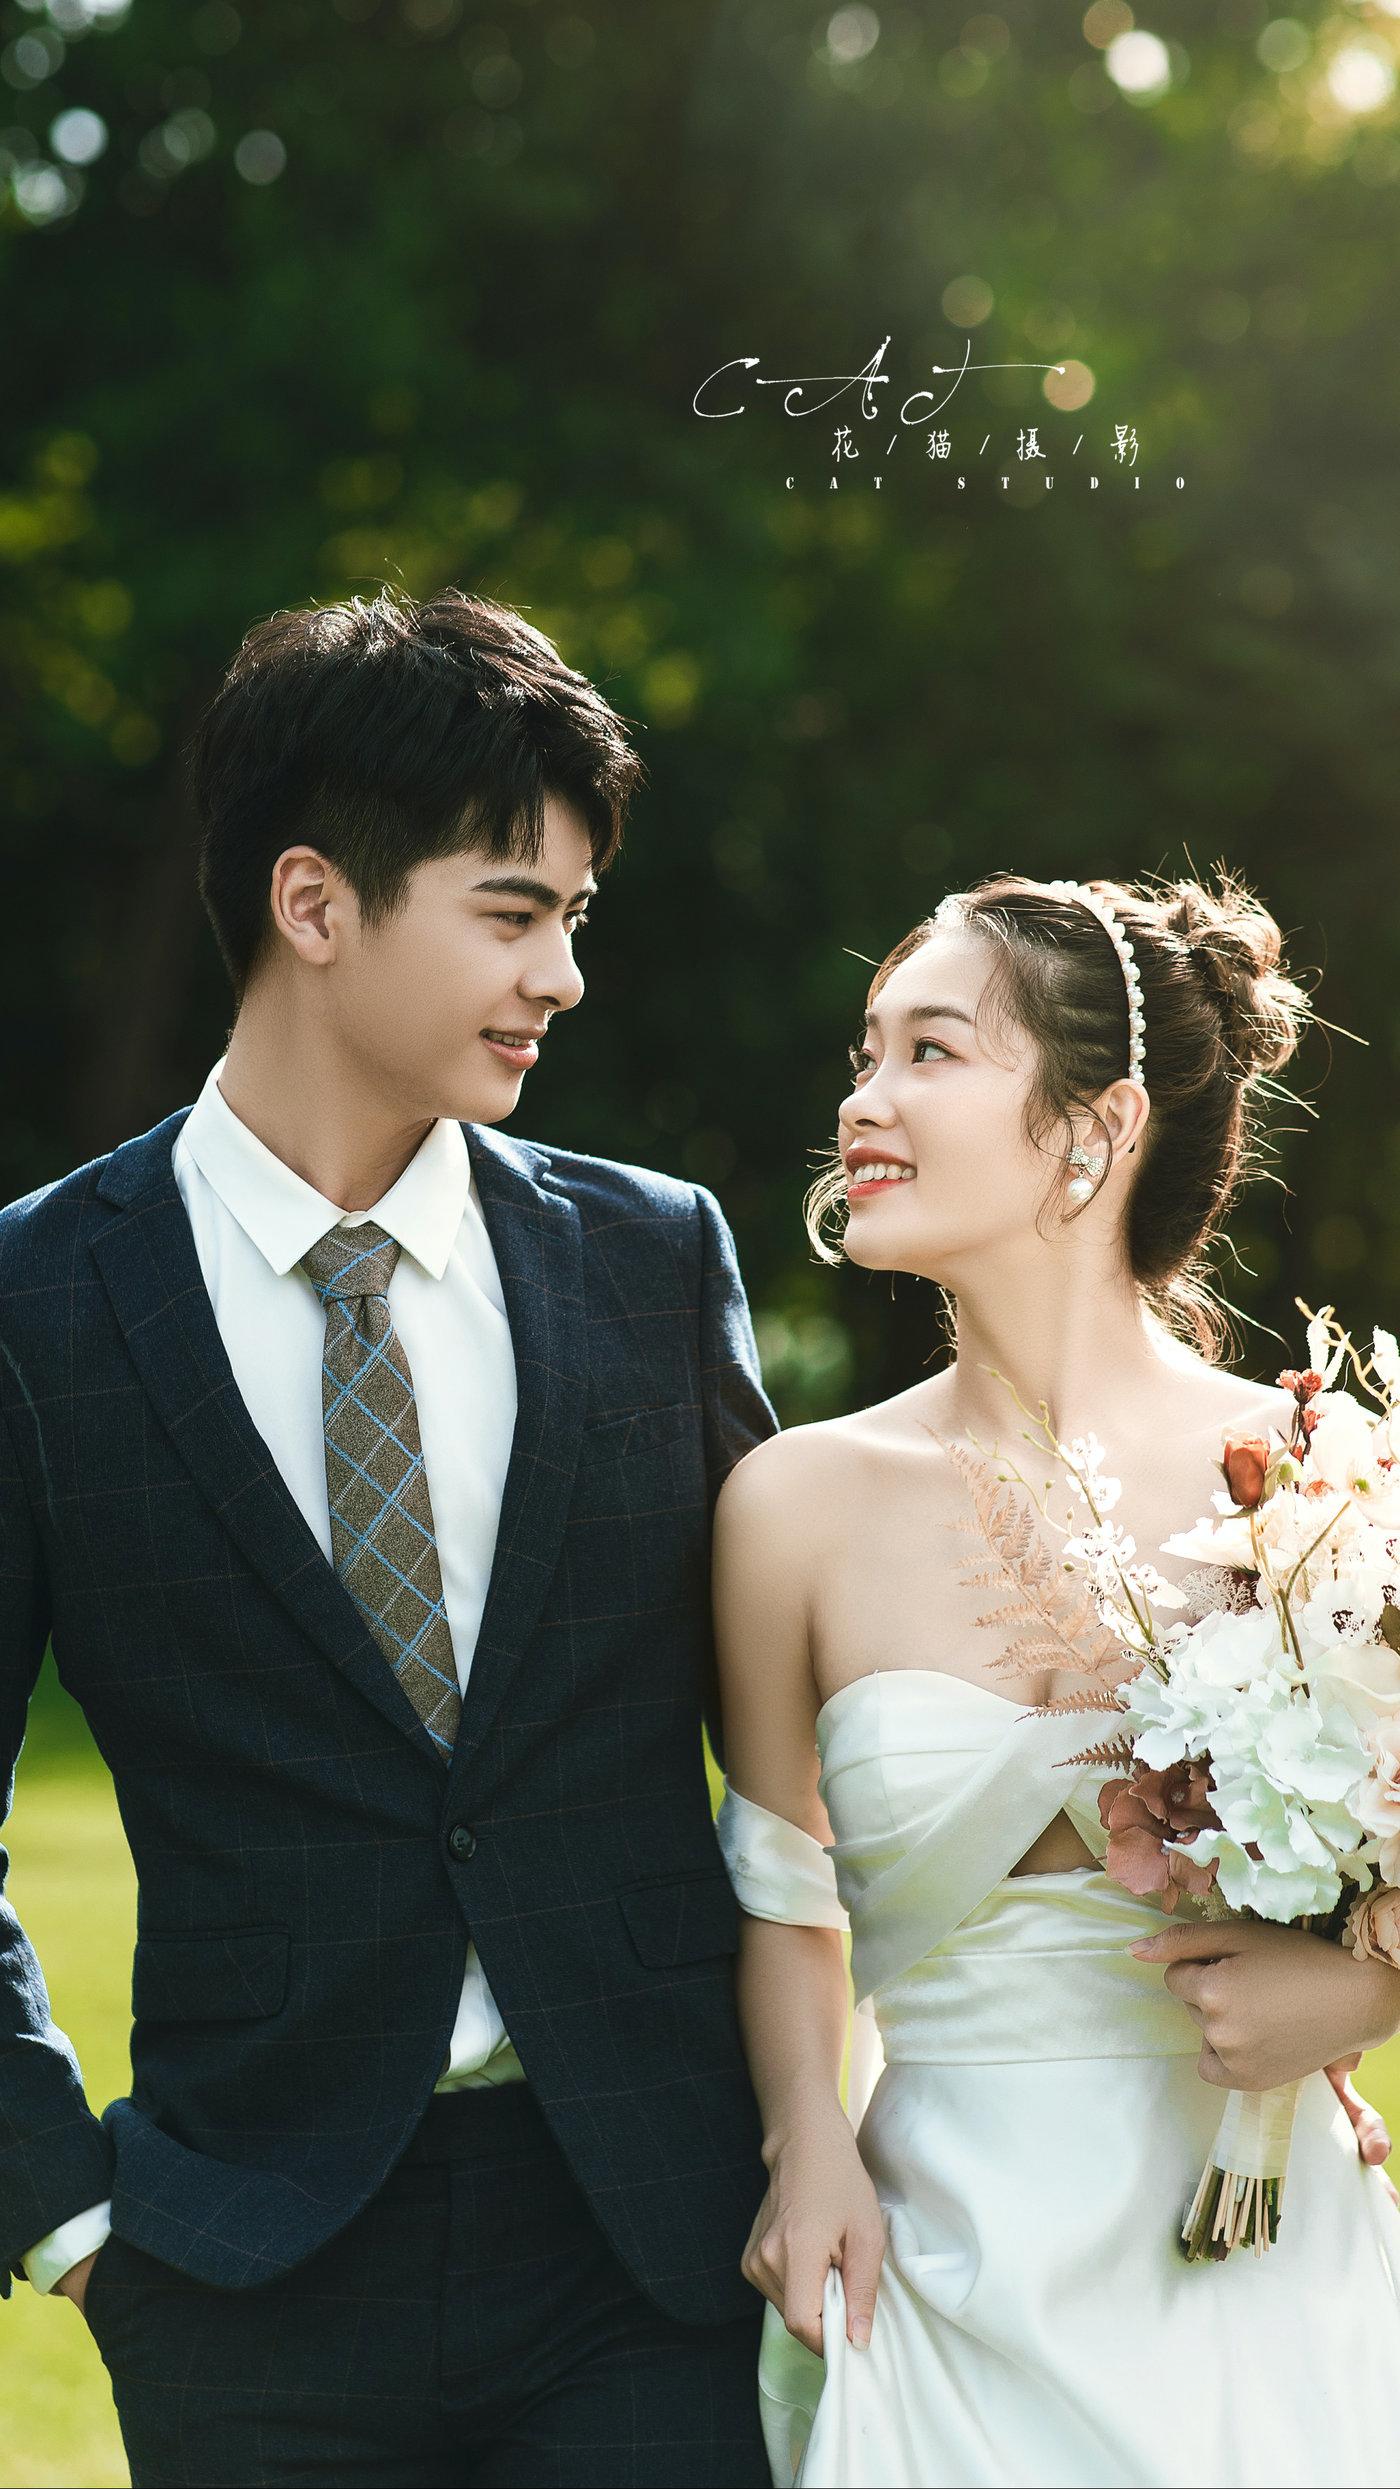 中山迪茵湖婚纱照8